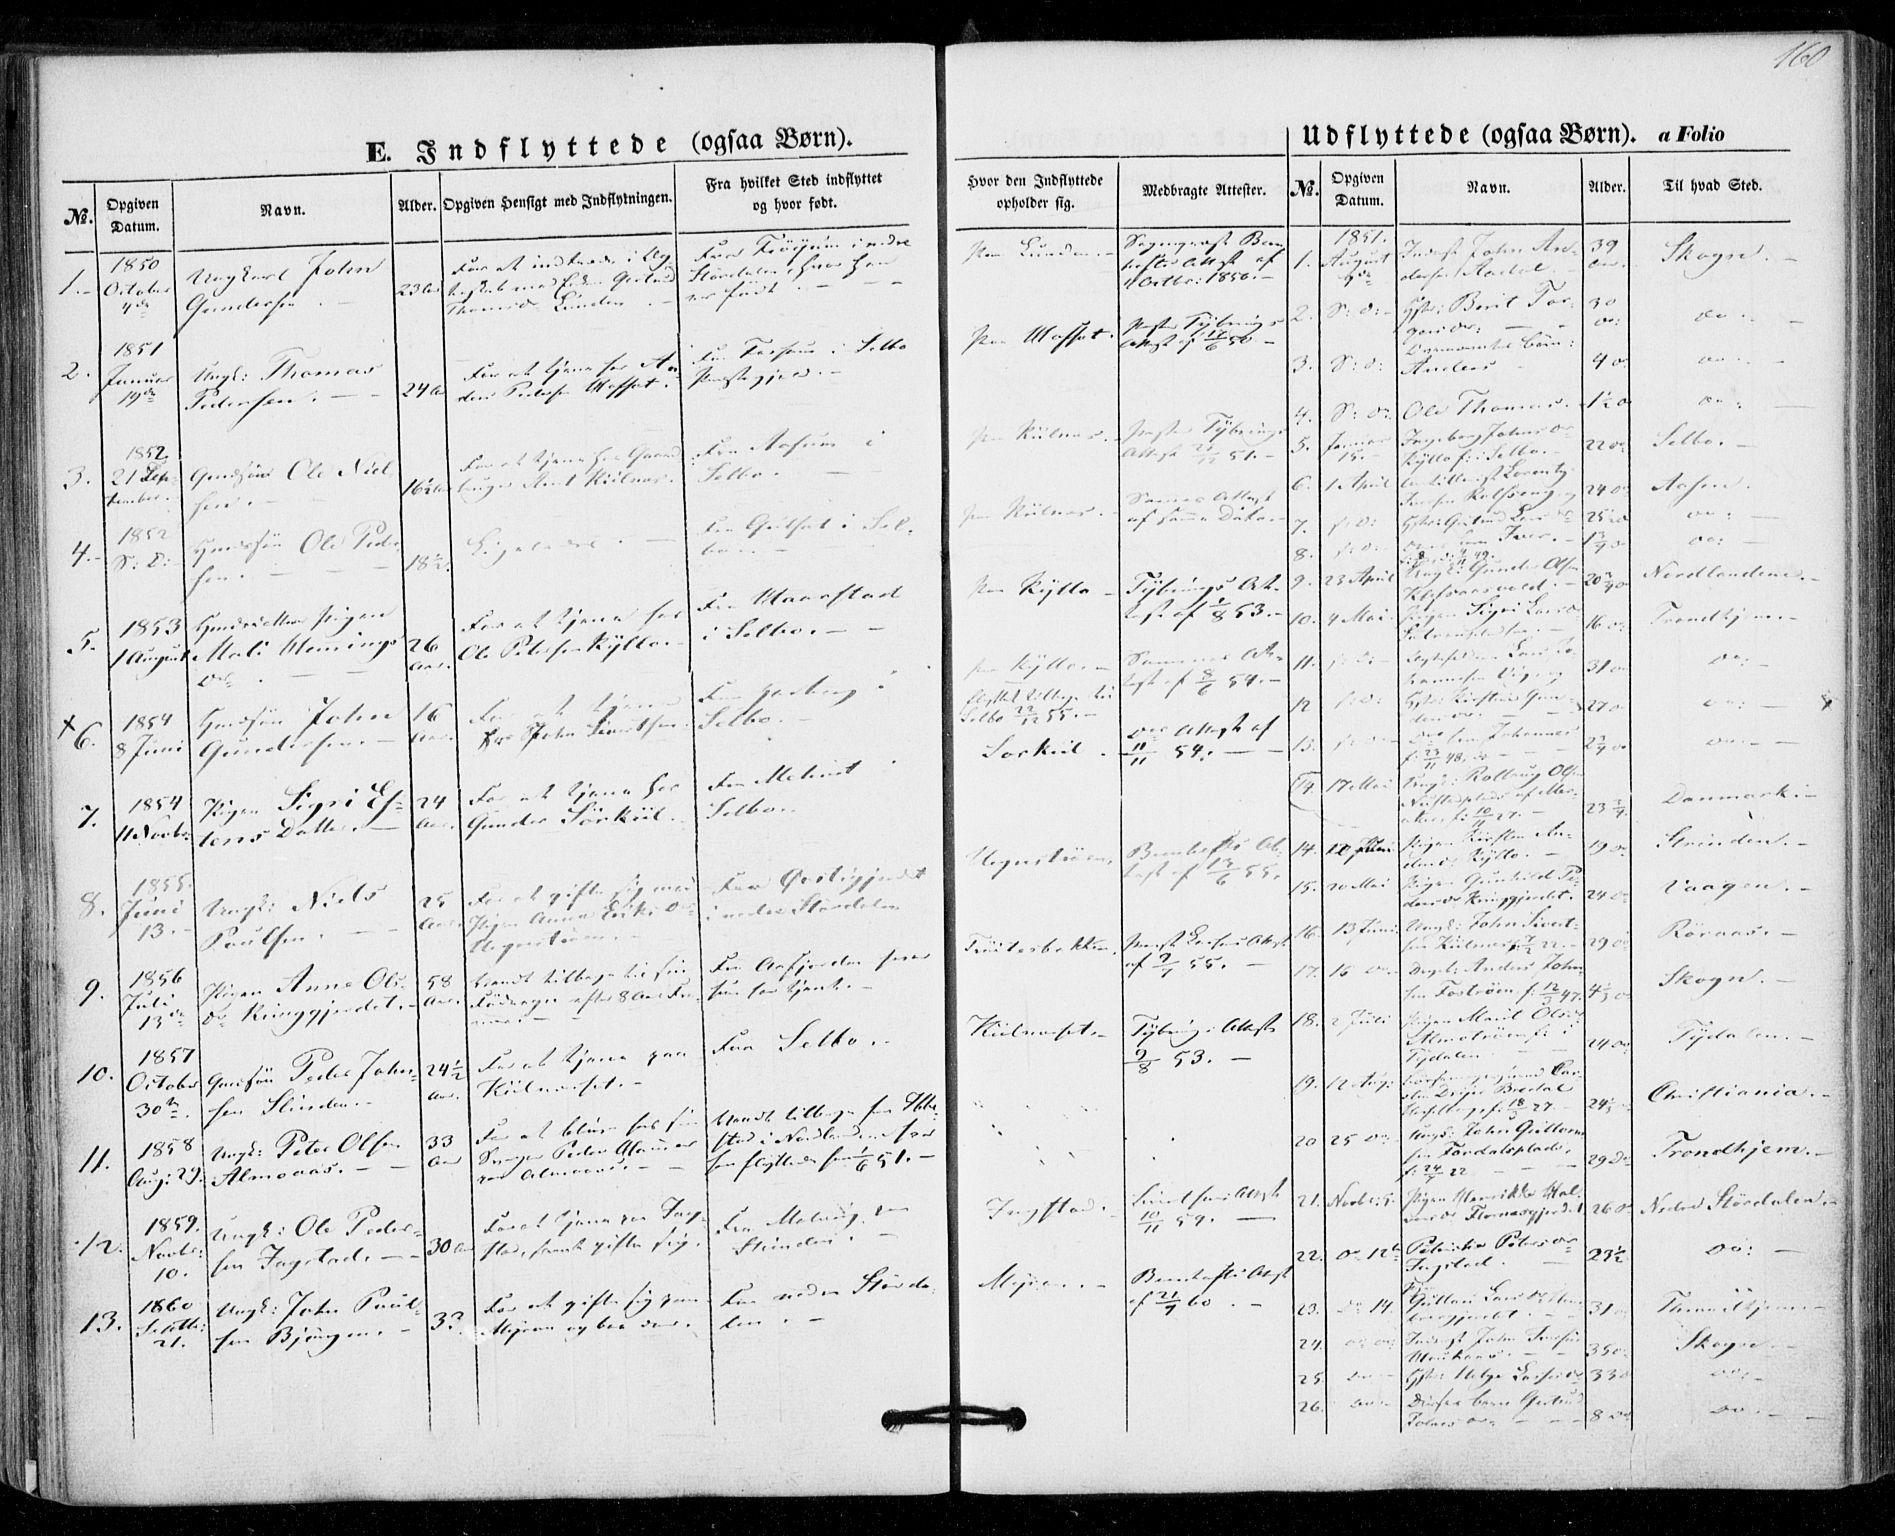 SAT, Ministerialprotokoller, klokkerbøker og fødselsregistre - Nord-Trøndelag, 703/L0028: Ministerialbok nr. 703A01, 1850-1862, s. 160